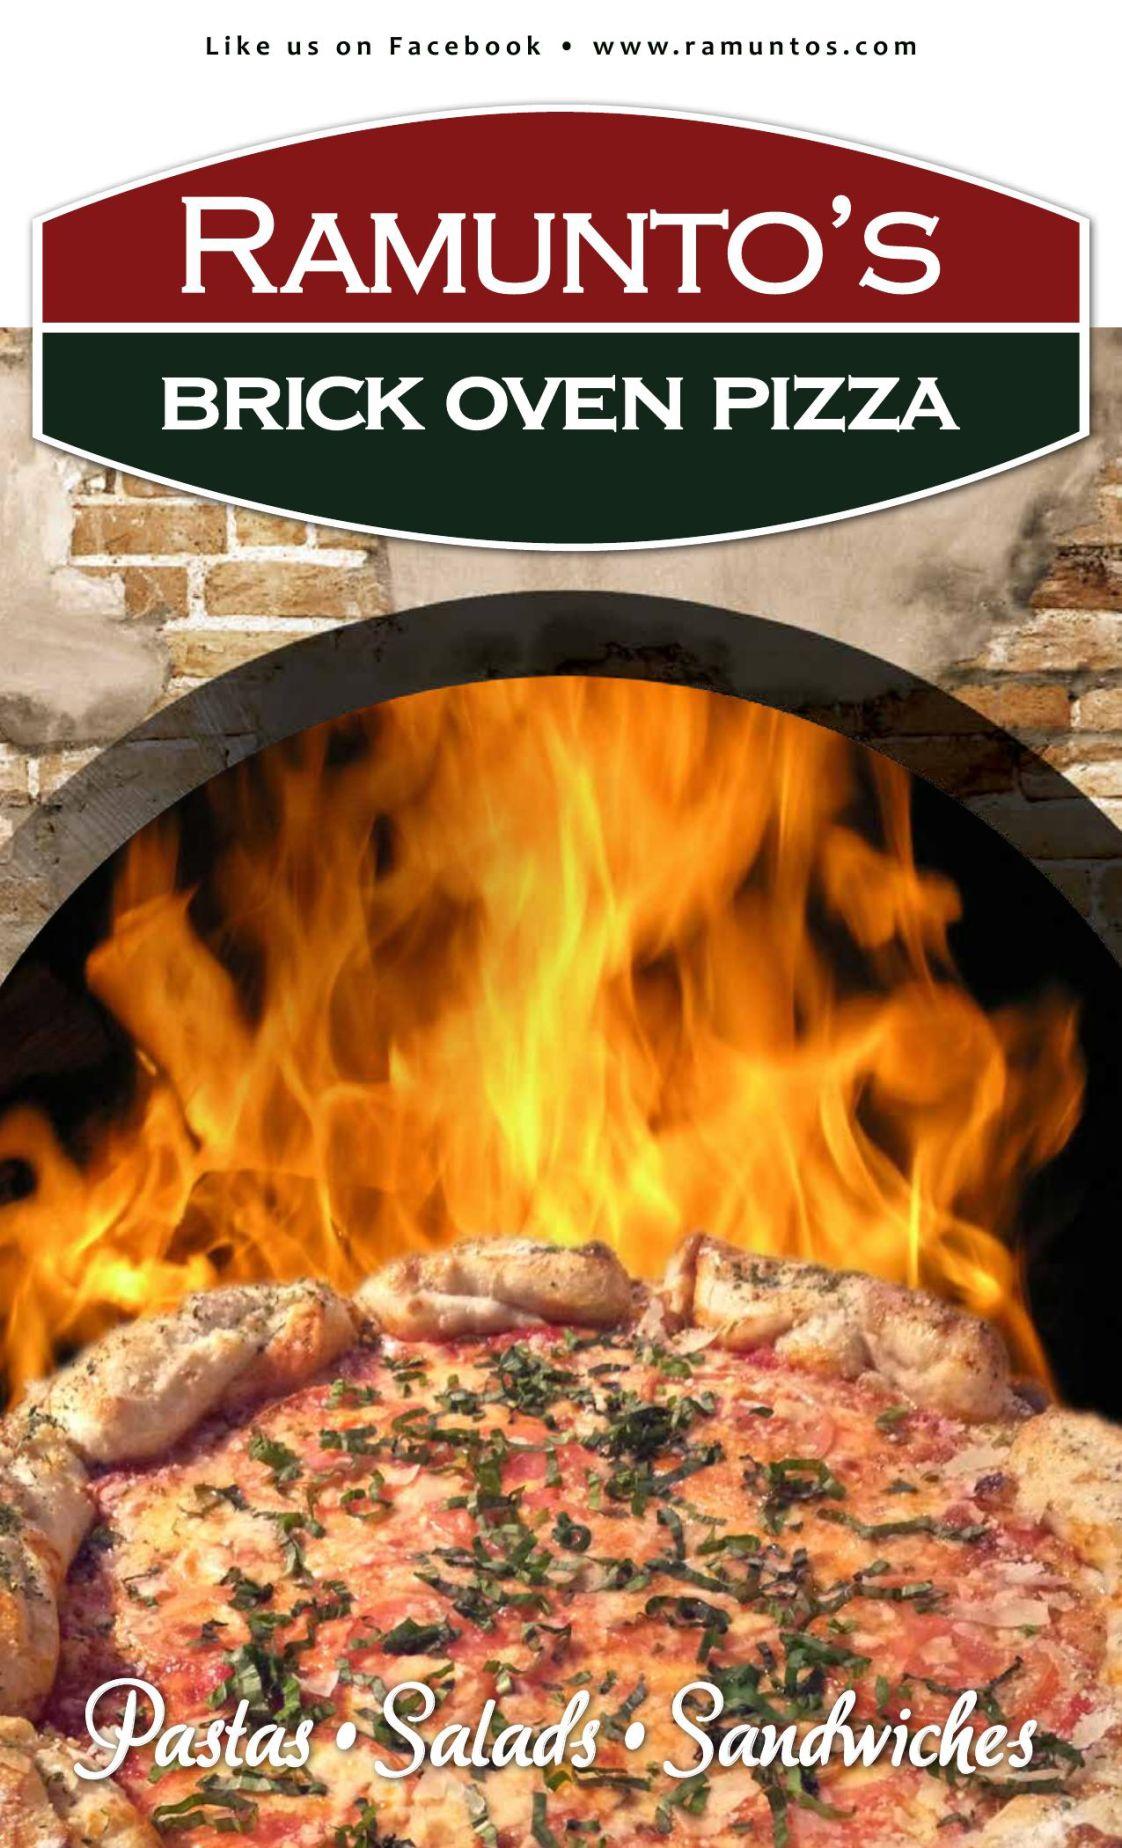 Ramunto's Brick Oven Pizza Menu